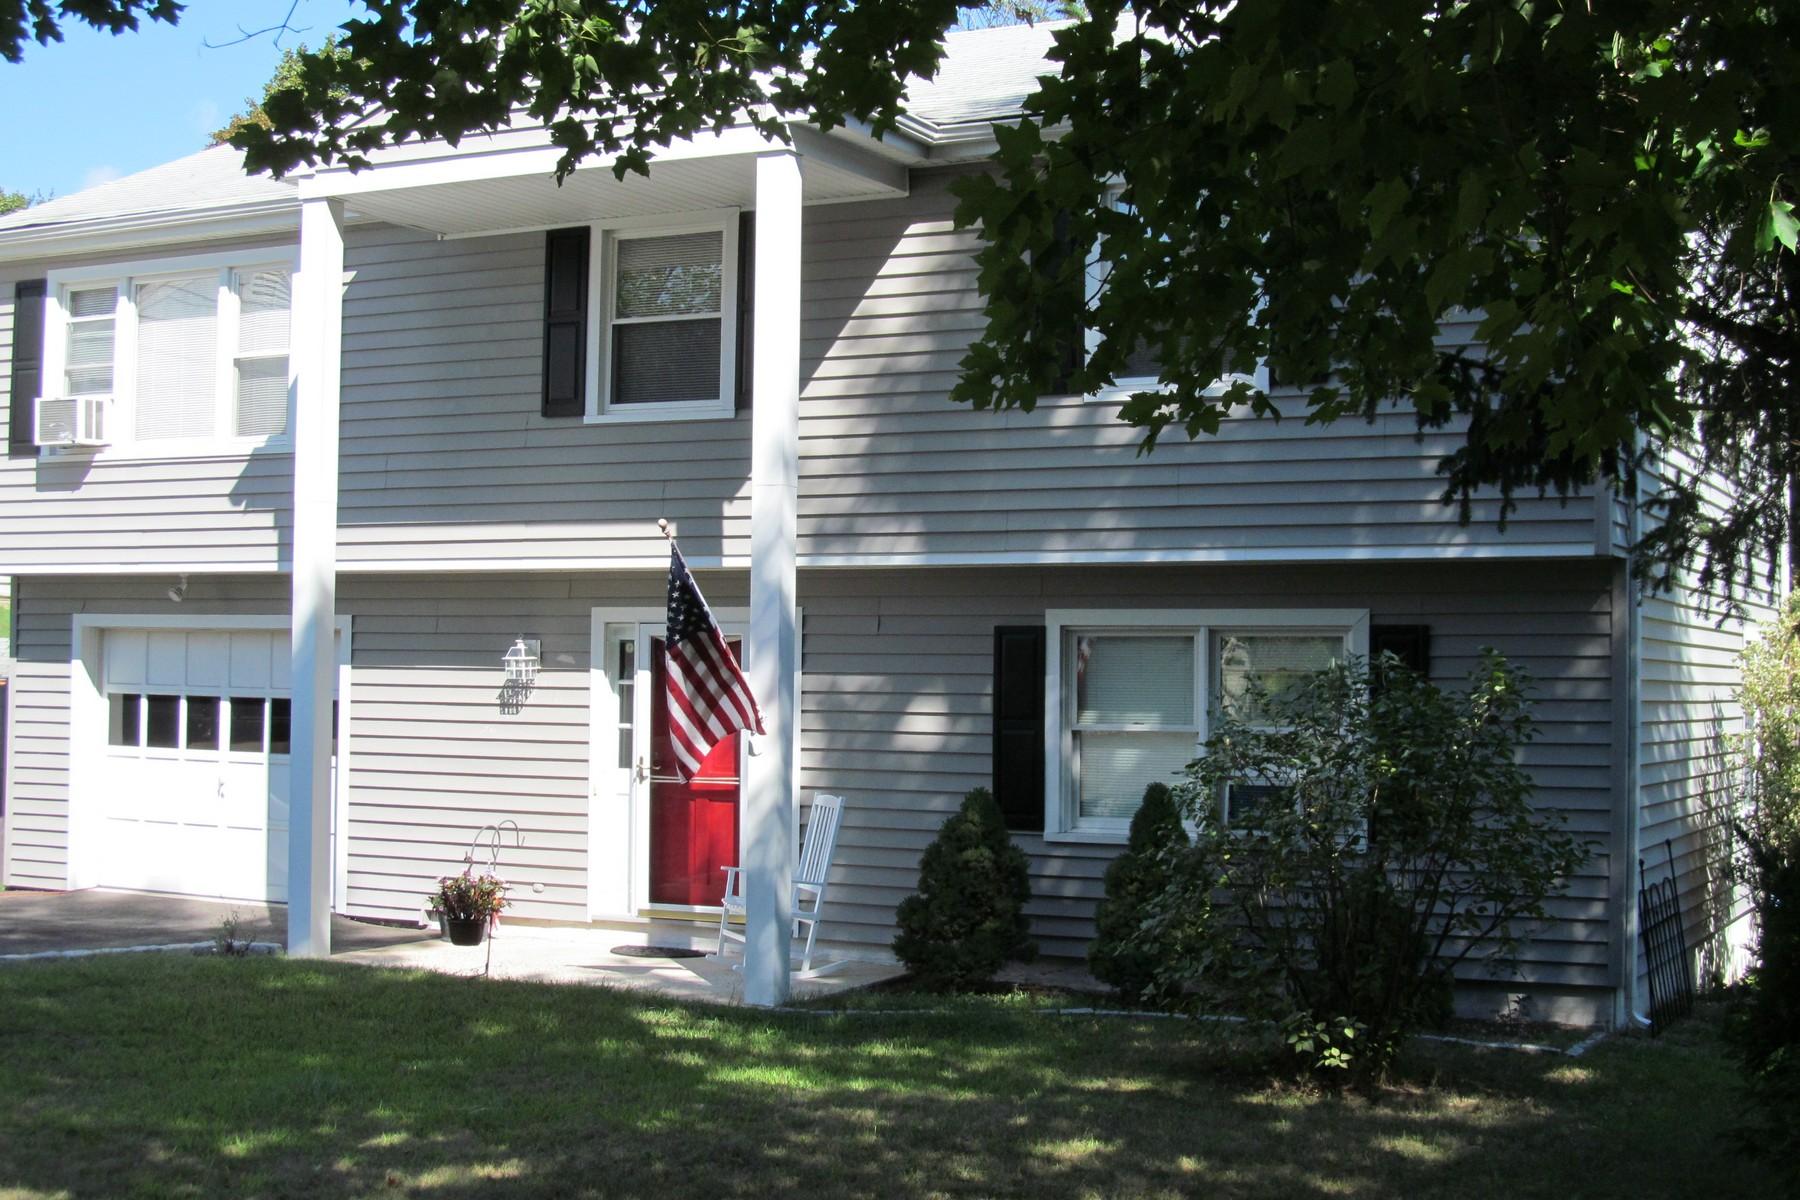 단독 가정 주택 용 매매 에 Sun-drenched, Spacious, Move-in Ready Home in Convenient East Norwalk Location 6 Armstrong Court Norwalk, 코네티컷 06851 미국